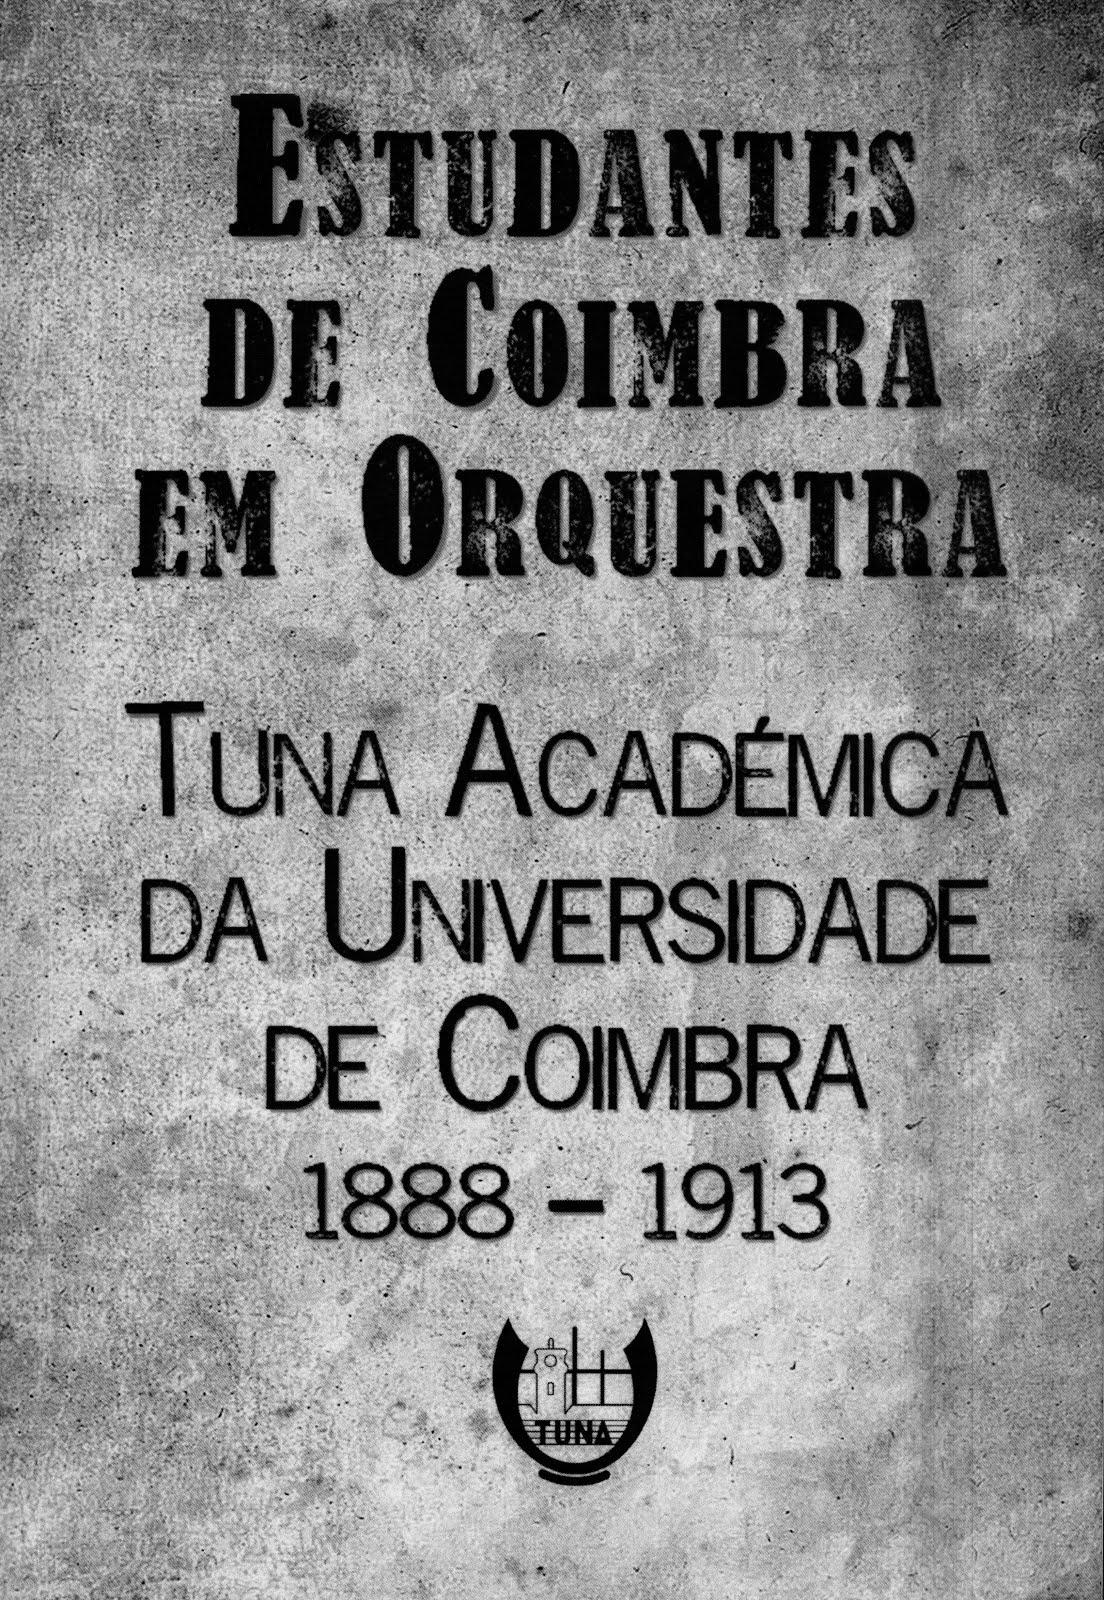 Estudantes de Coimbra em Orquestra